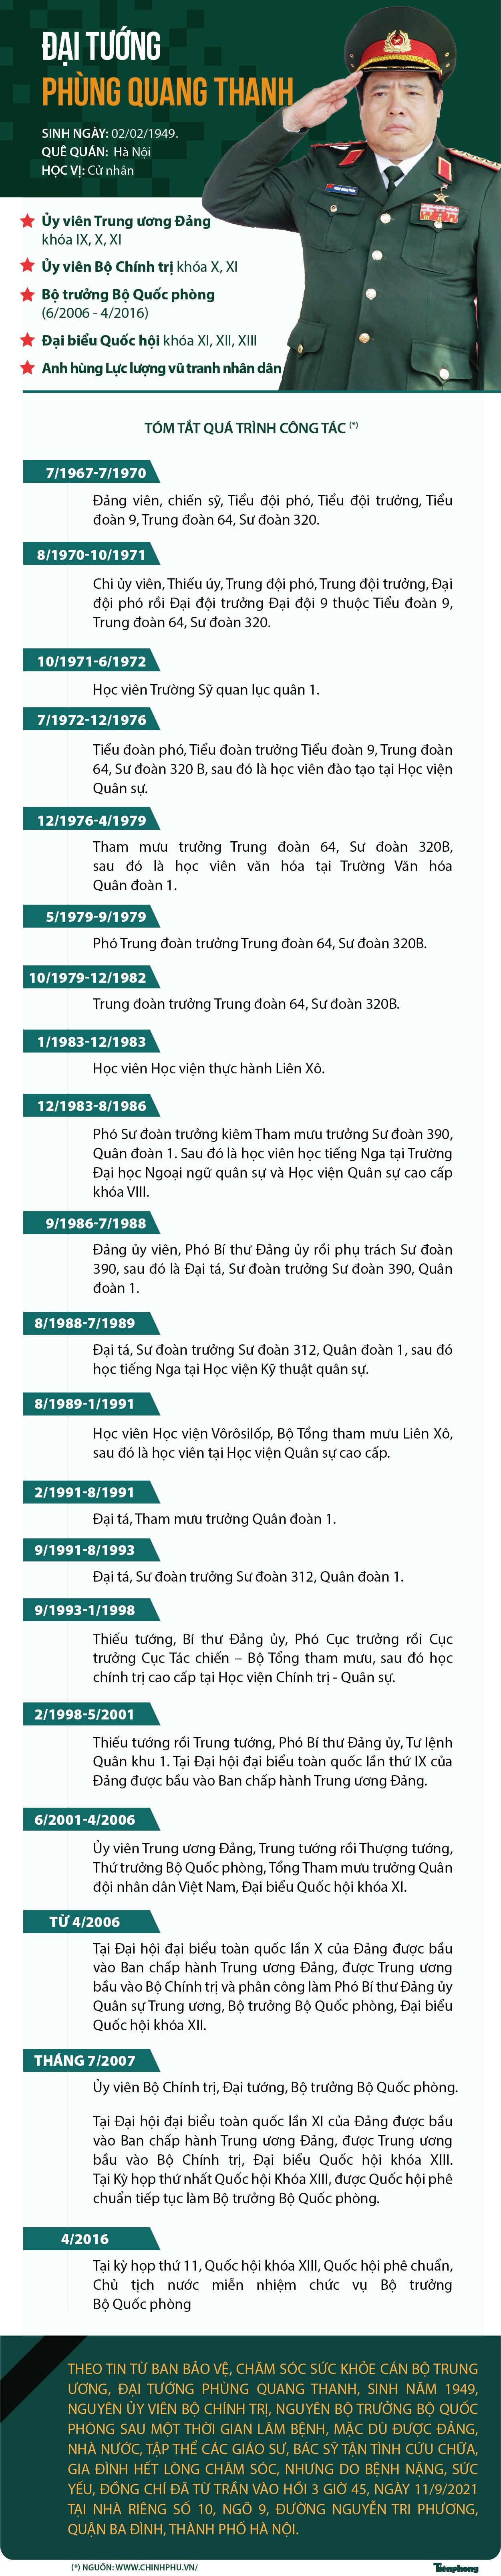 Cuộc đời binh nghiệp của Đại tướng Phùng Quang Thanh - 1